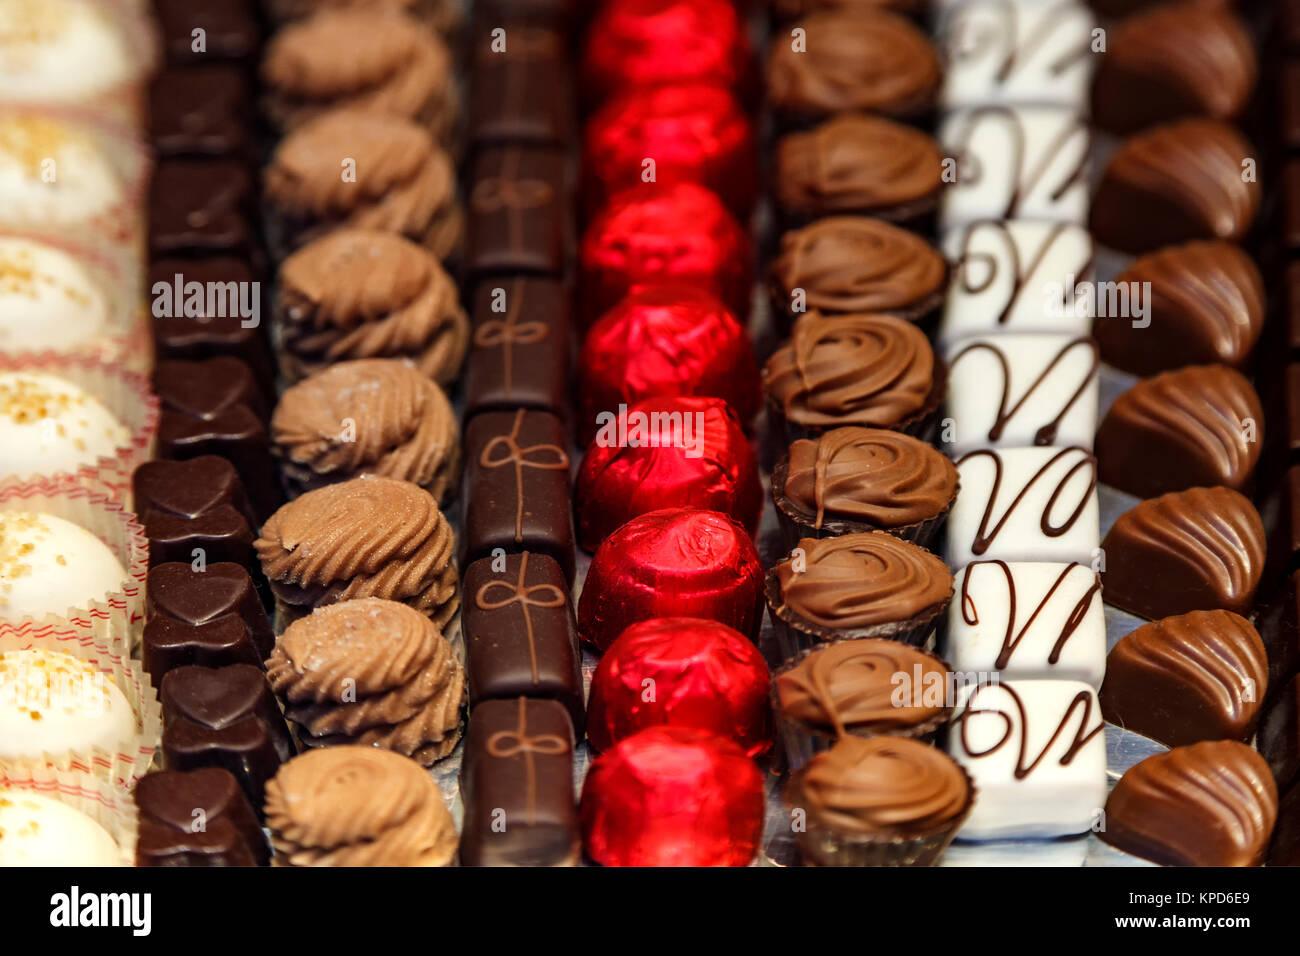 Schokolade anzeigen, Brüssel, Belgien Stockbild